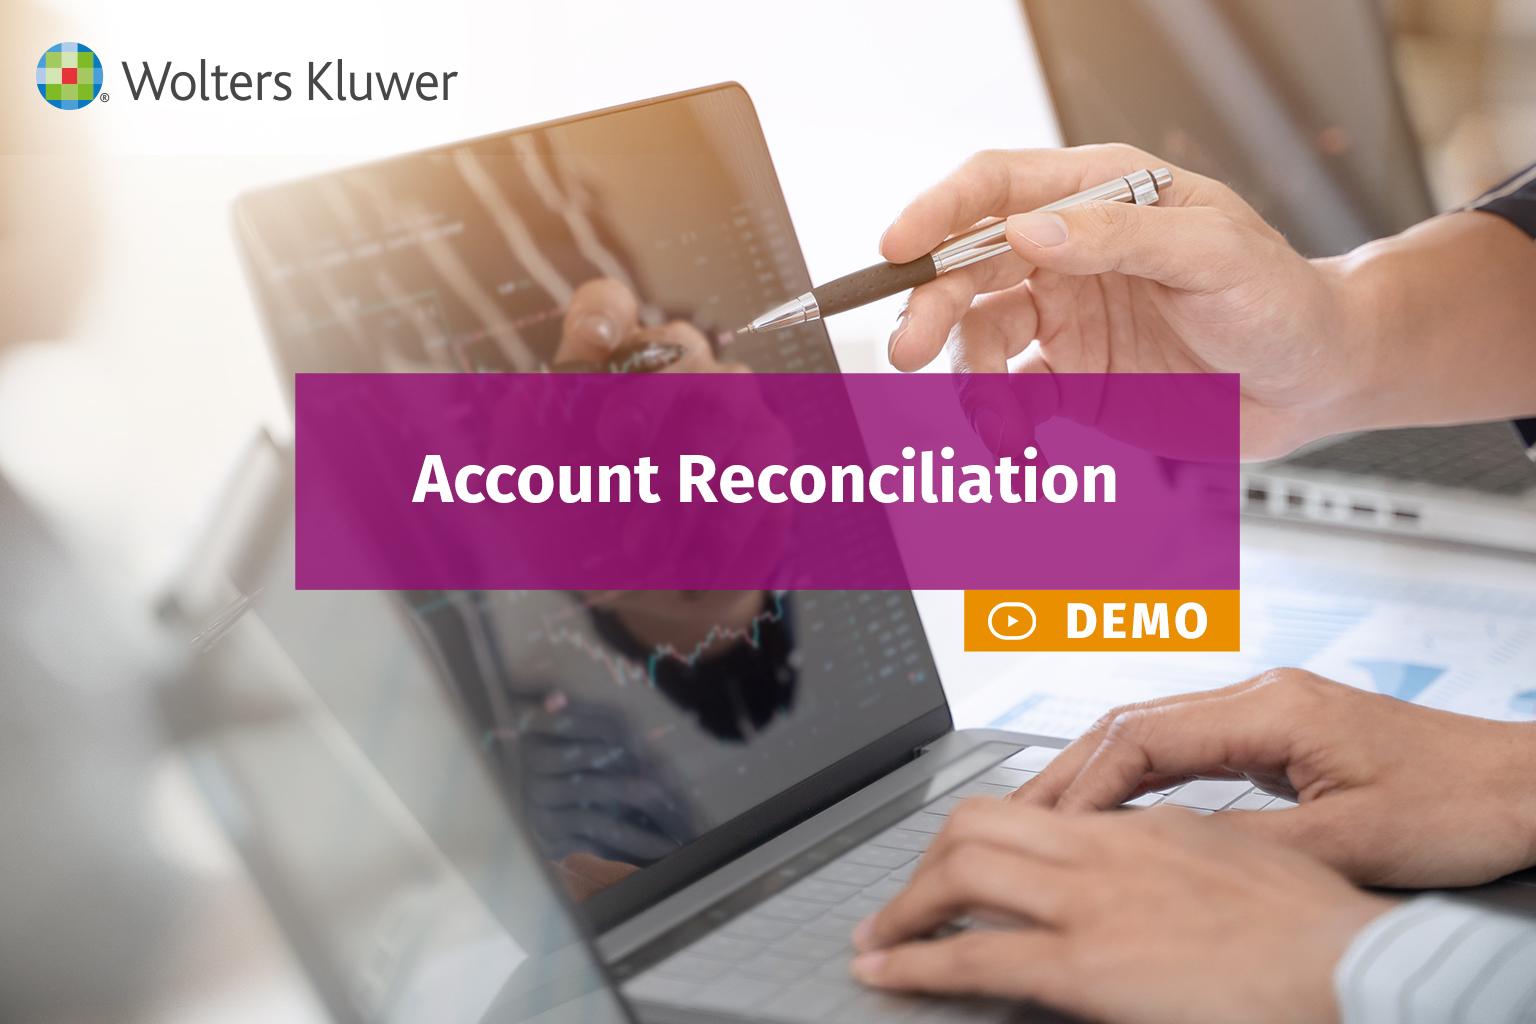 demo reconciliation